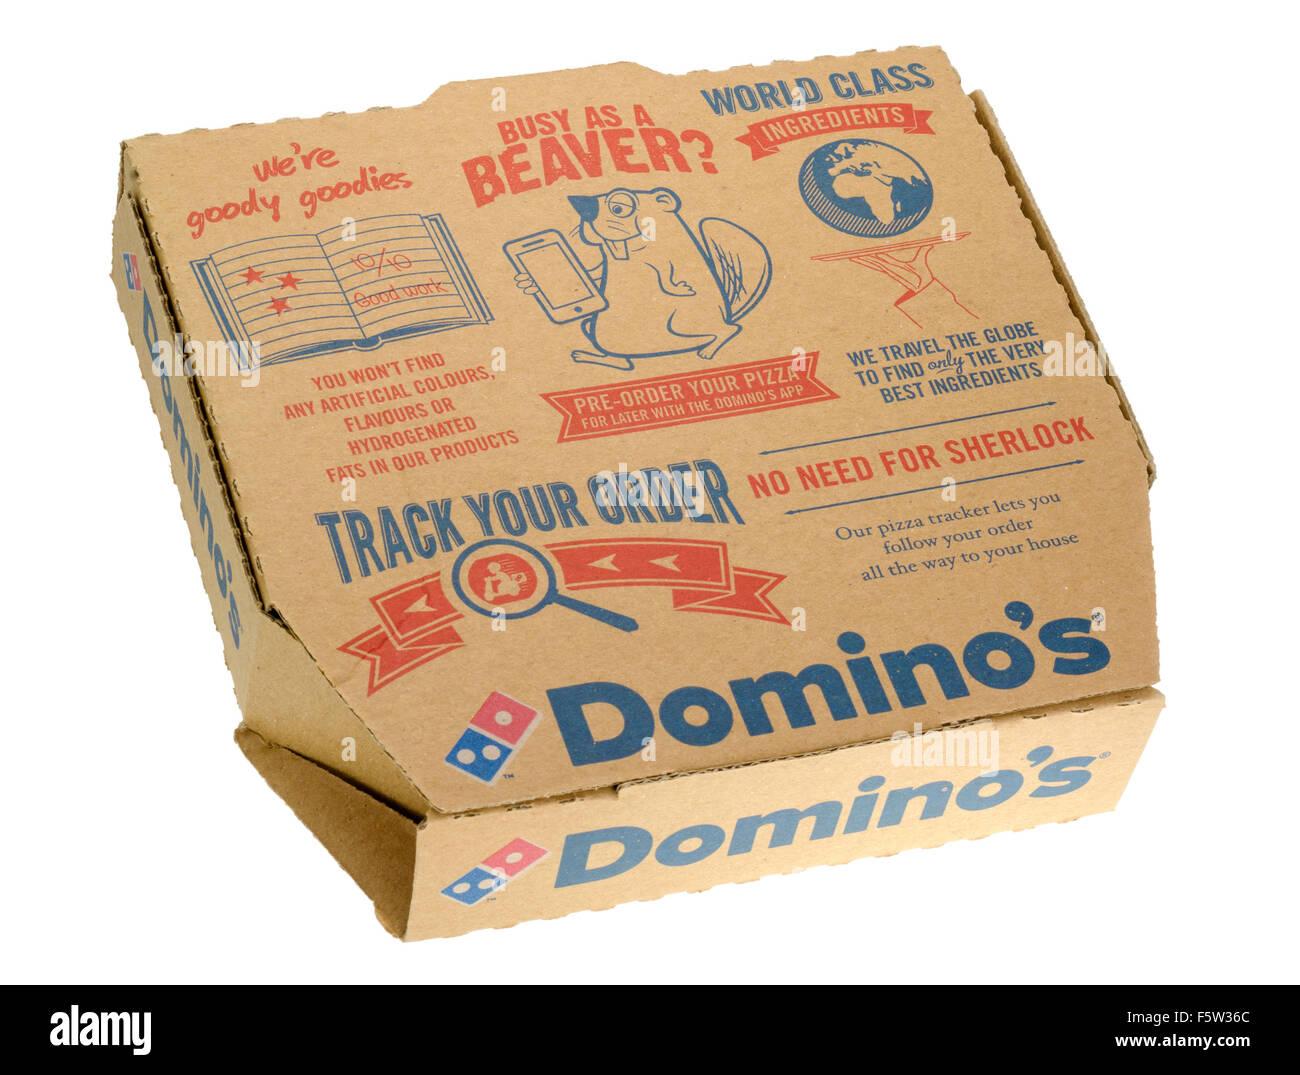 Domino's Pizza in a Box - Stock Image